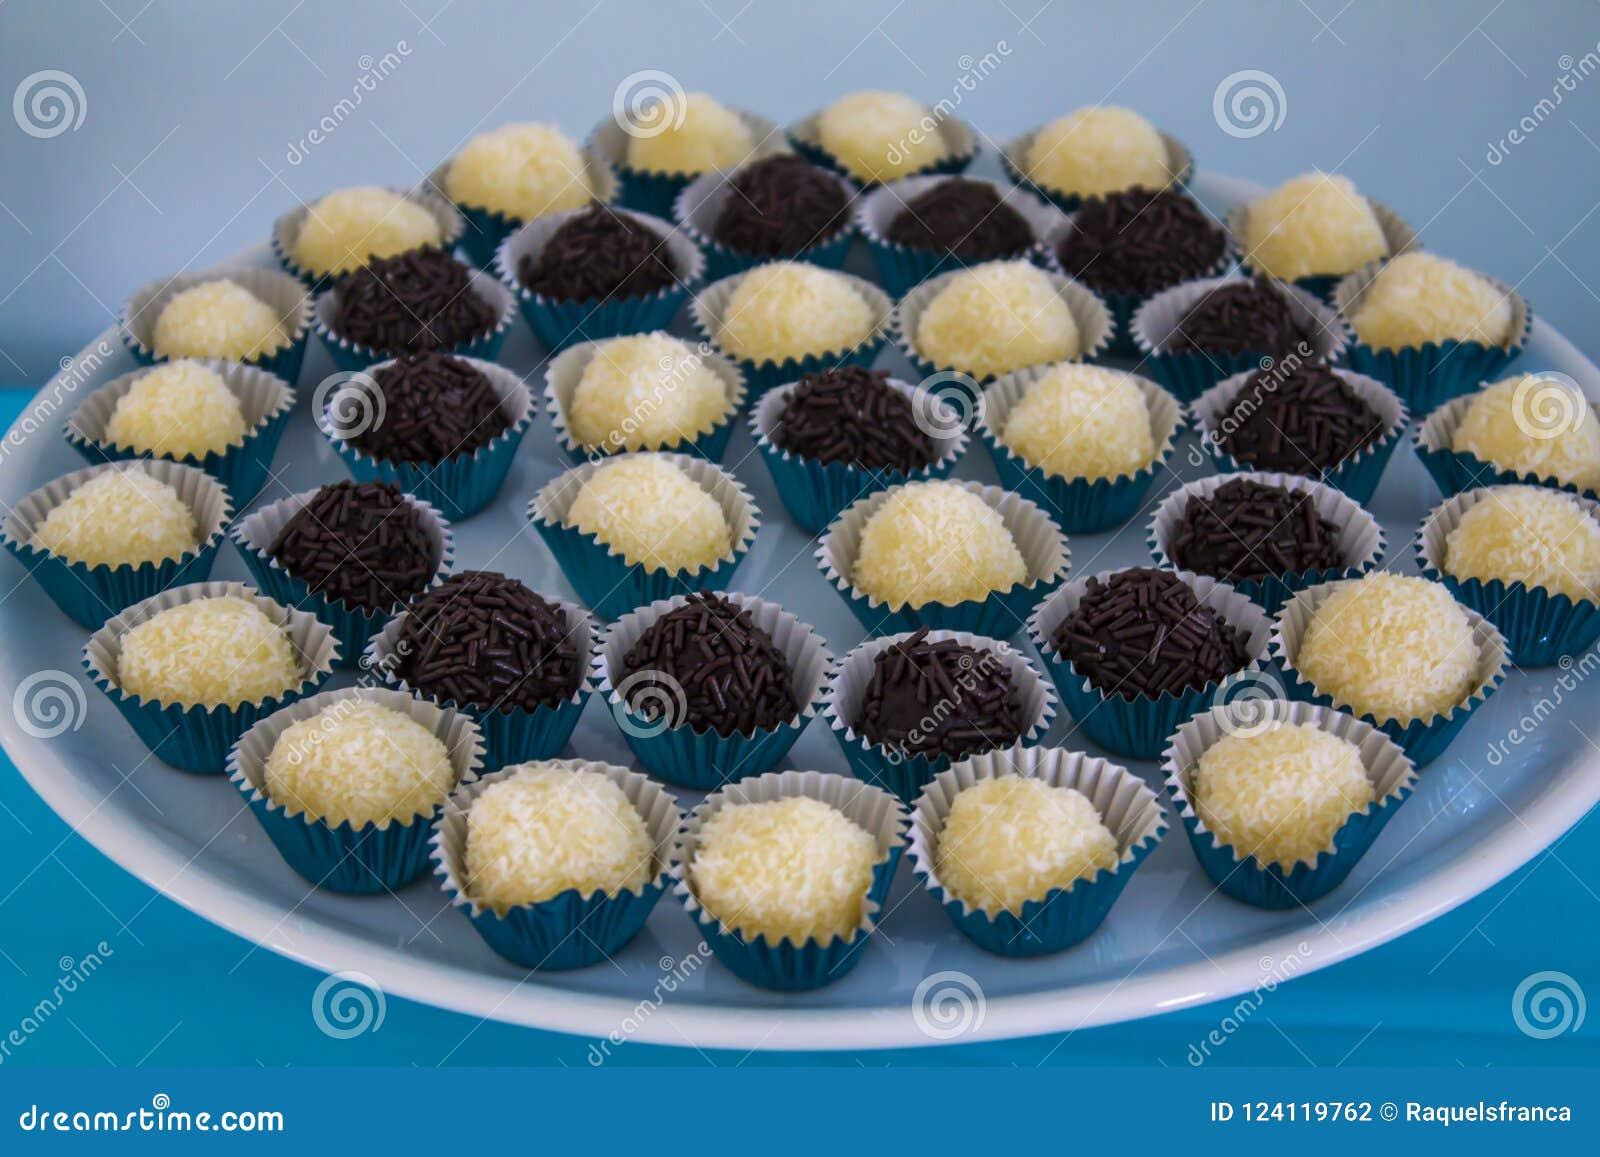 Brasilianisches Trüffel-Bonbon brigadeiro der süßen Schokolade